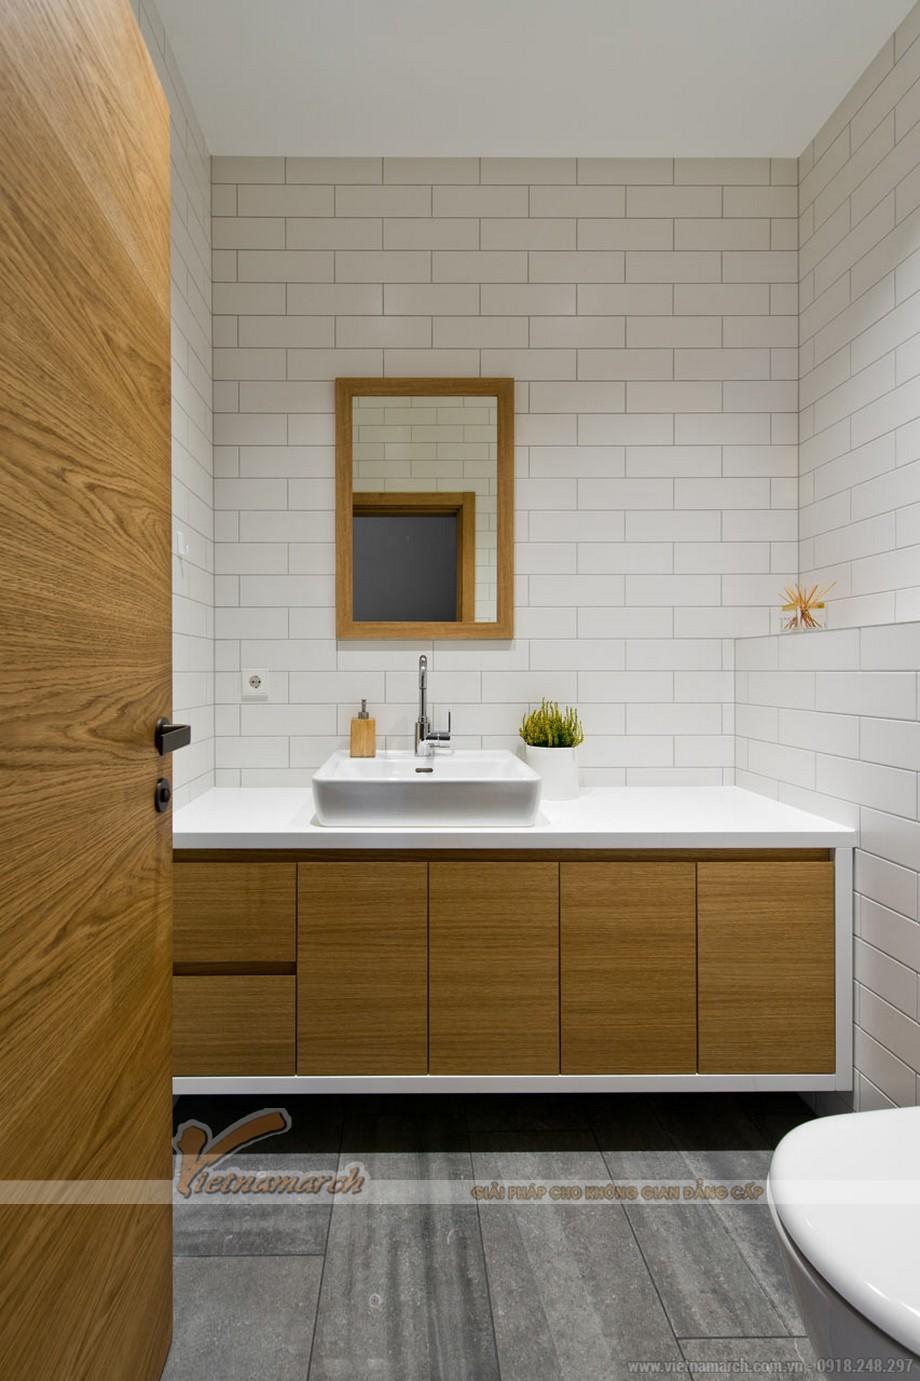 Thiết kế nội thất phòng tắm sang trọng, giạn dị không cầu kì phô trương